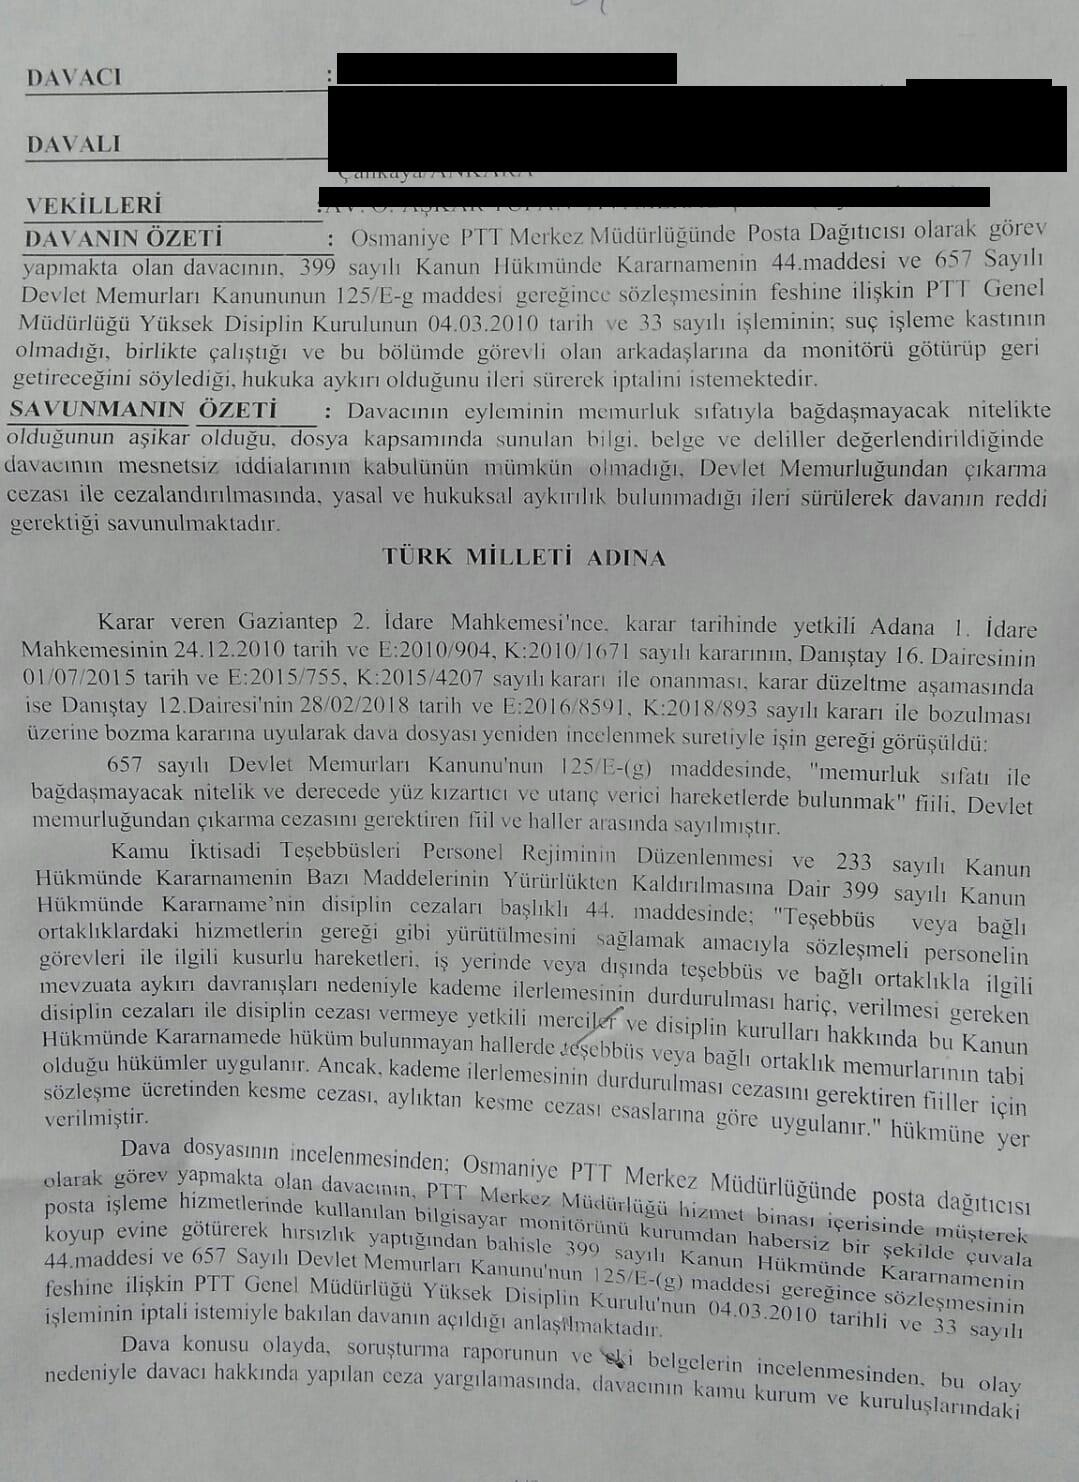 Danıştay kararını verdi: Sözlü sınavla kamuya avukat alımını içeren yönetmelik iptal 9